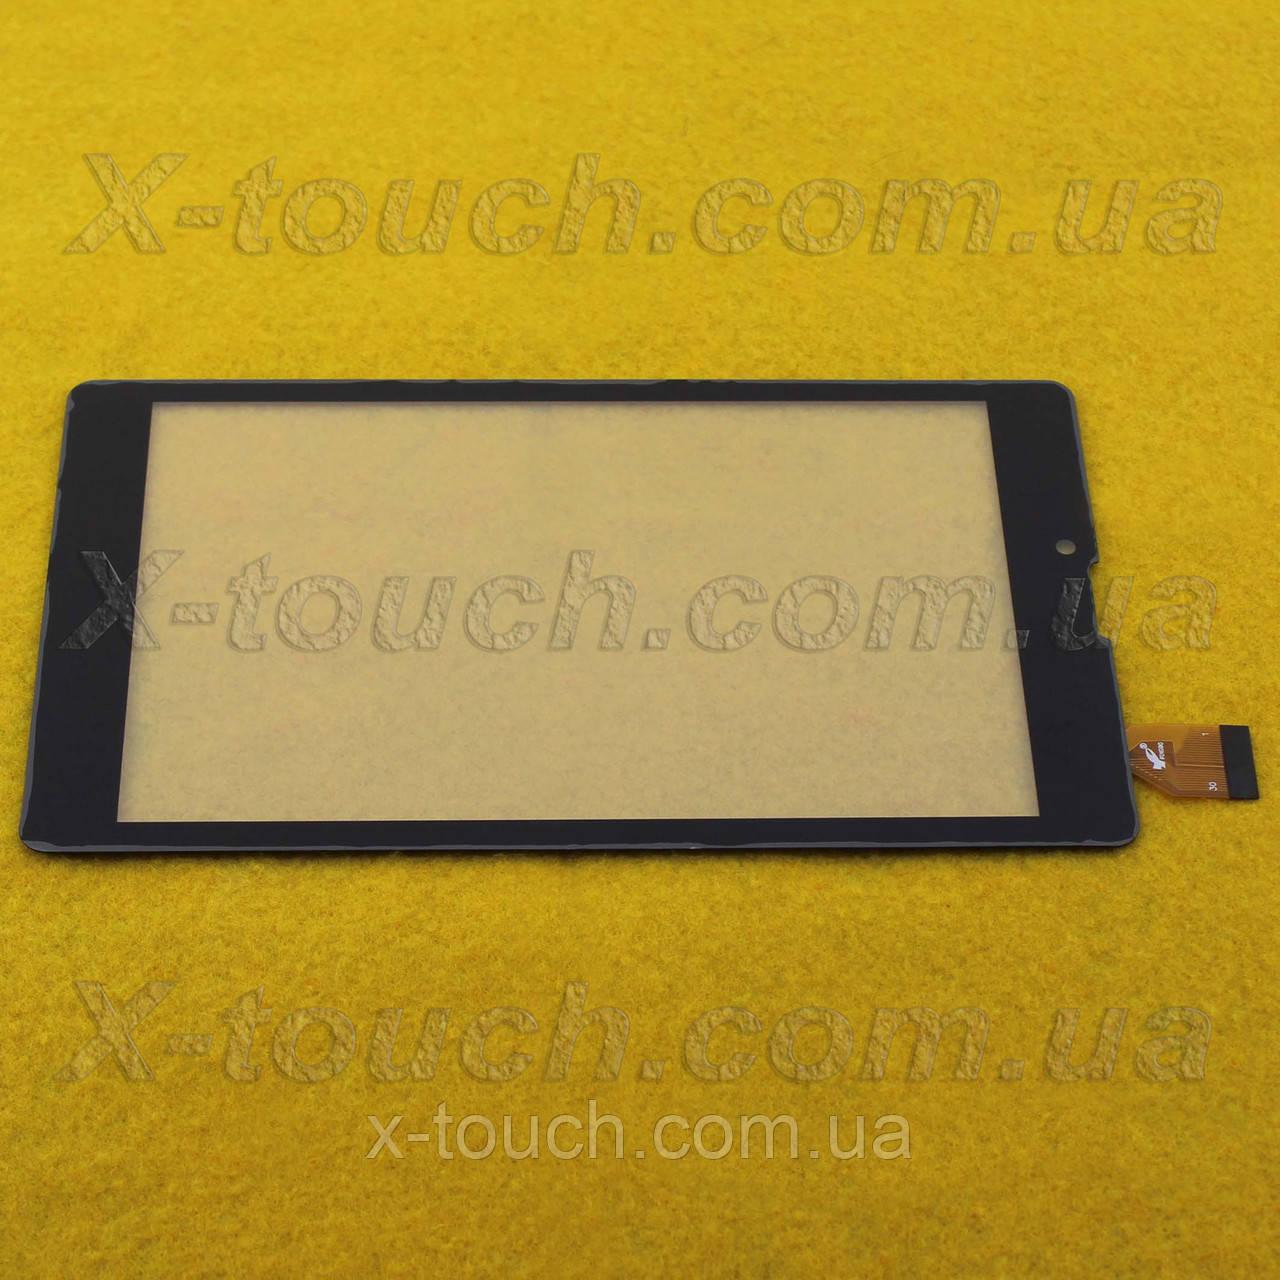 MGLCTP-70944-70732 сенсор, тачскрін чорного кольору